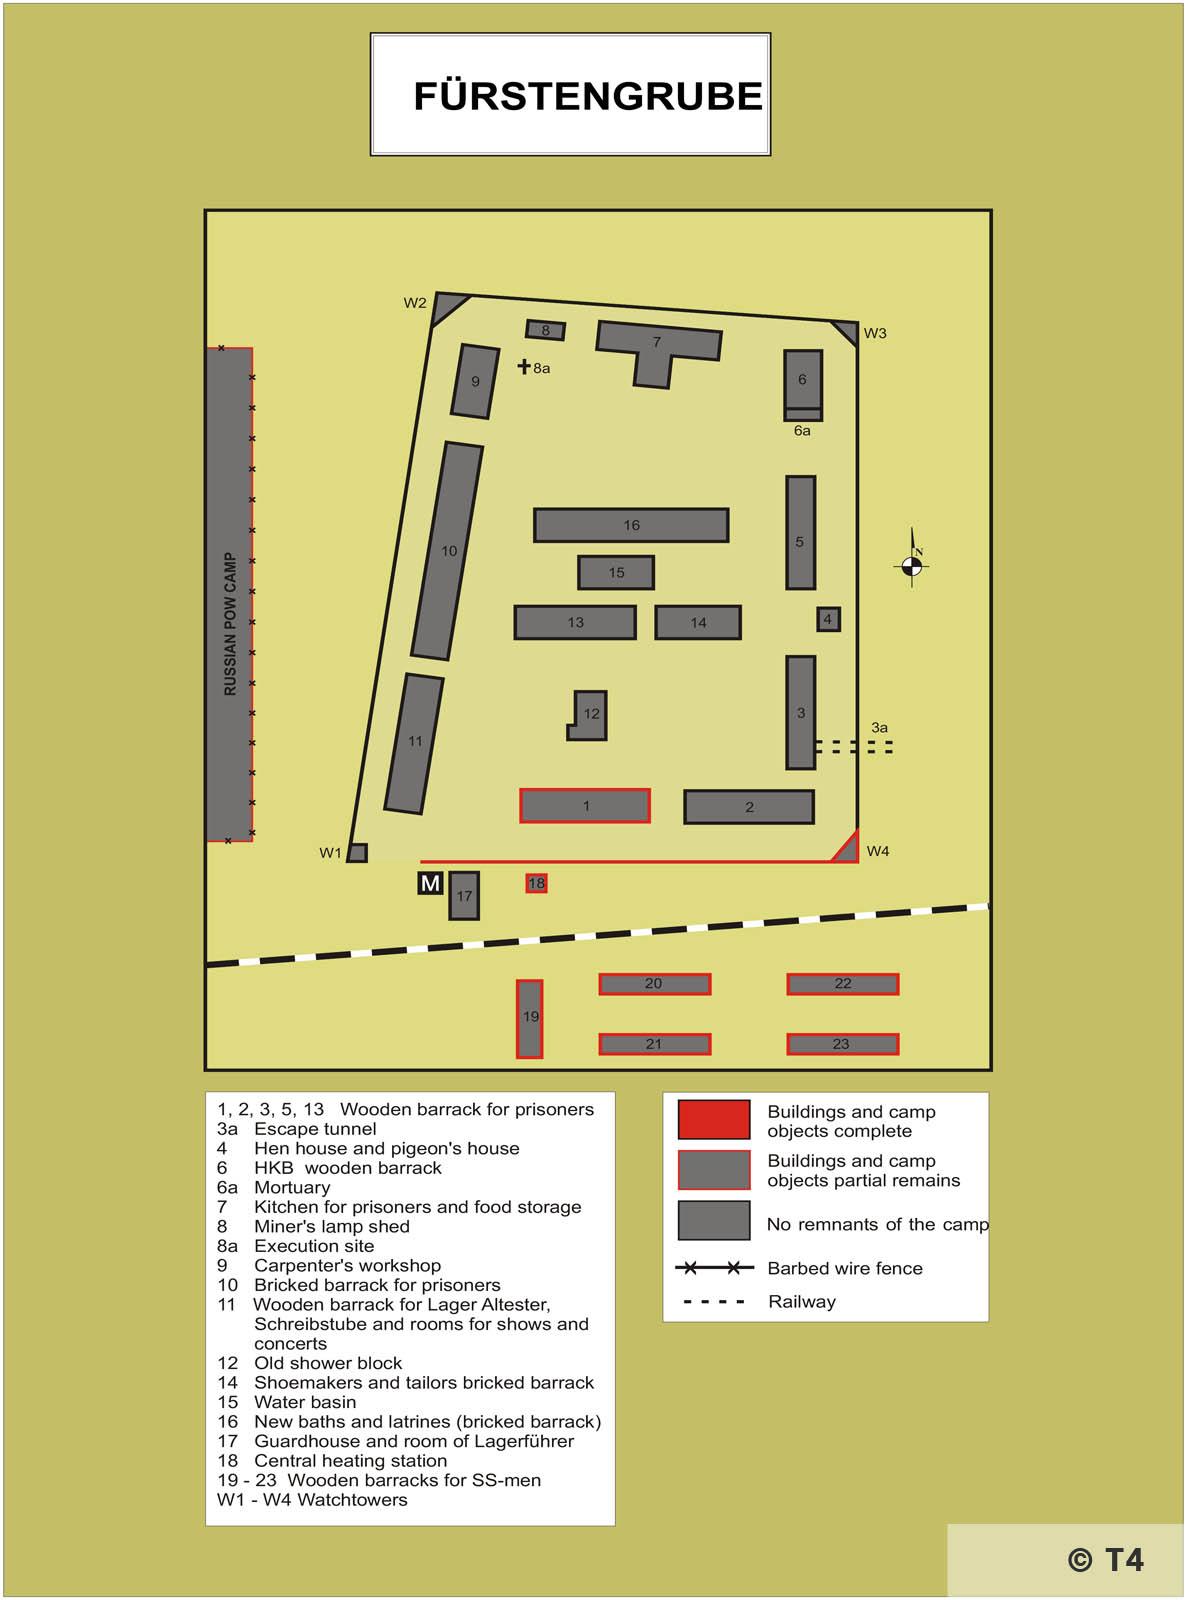 Map of Arbeitslager Fürstengrube. T4